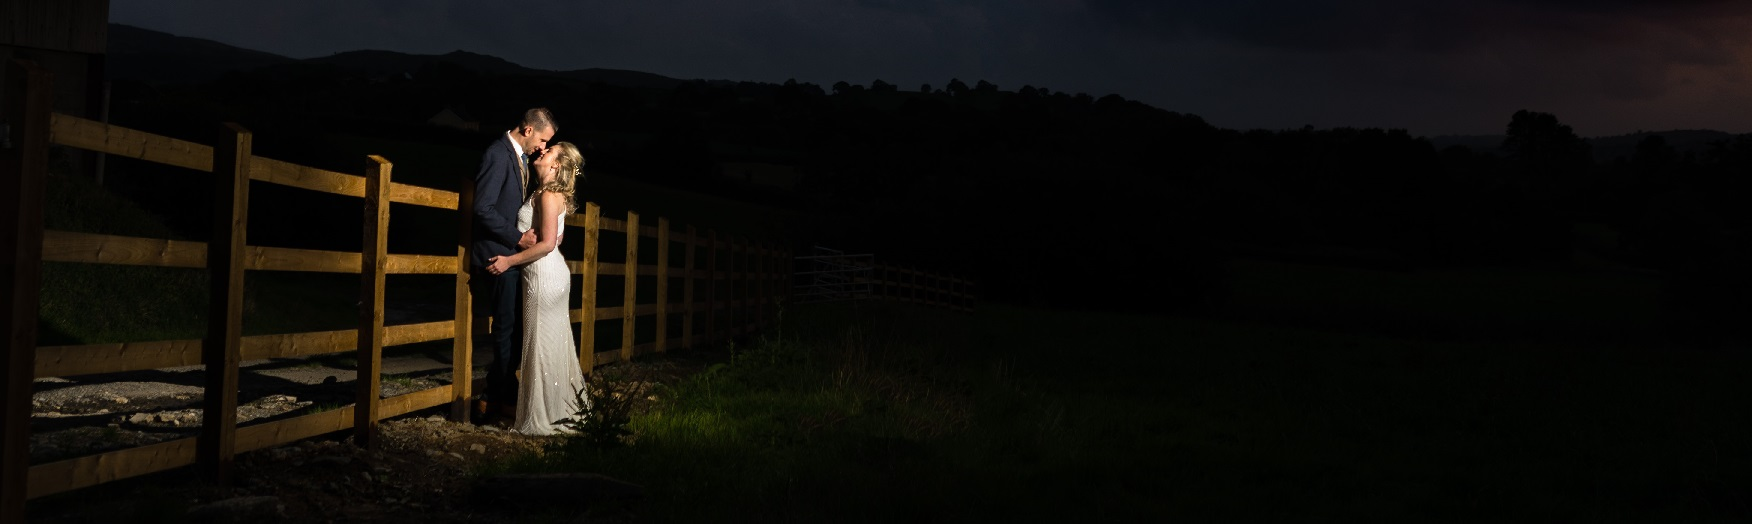 Lisa and David's Wedding | Caerhyn Farm, Carmarthen, South Wales